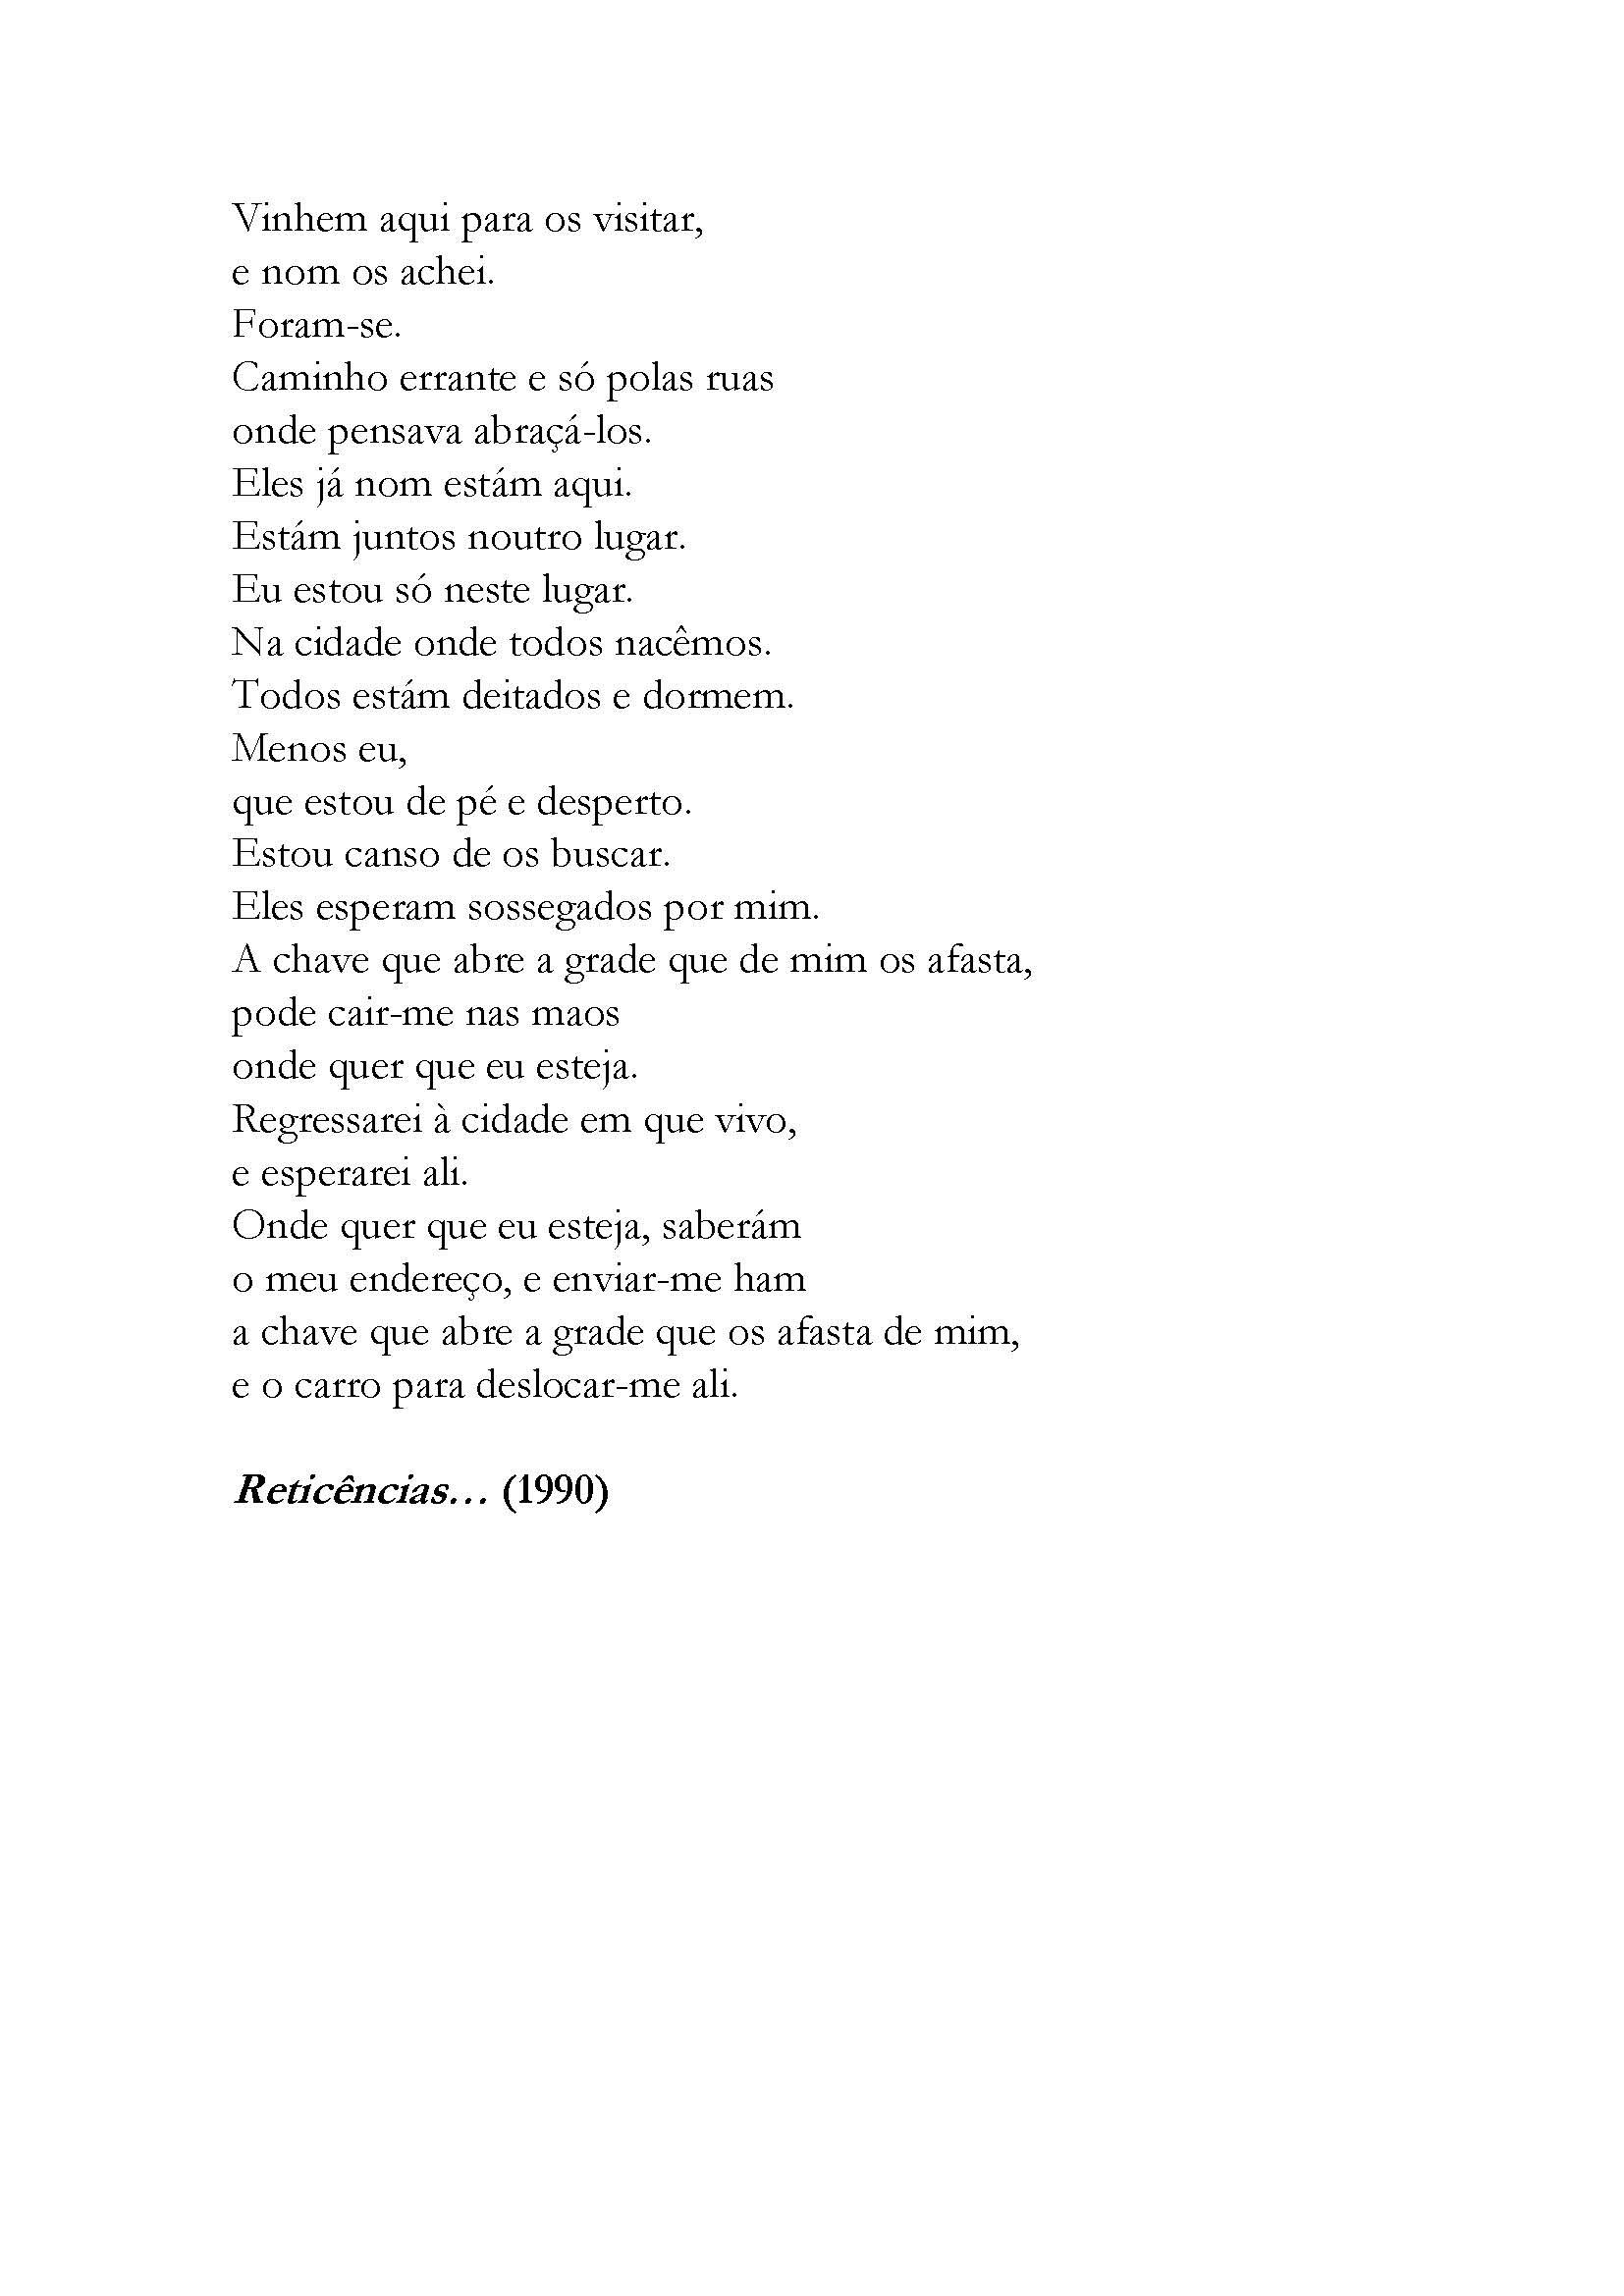 Homenaje23